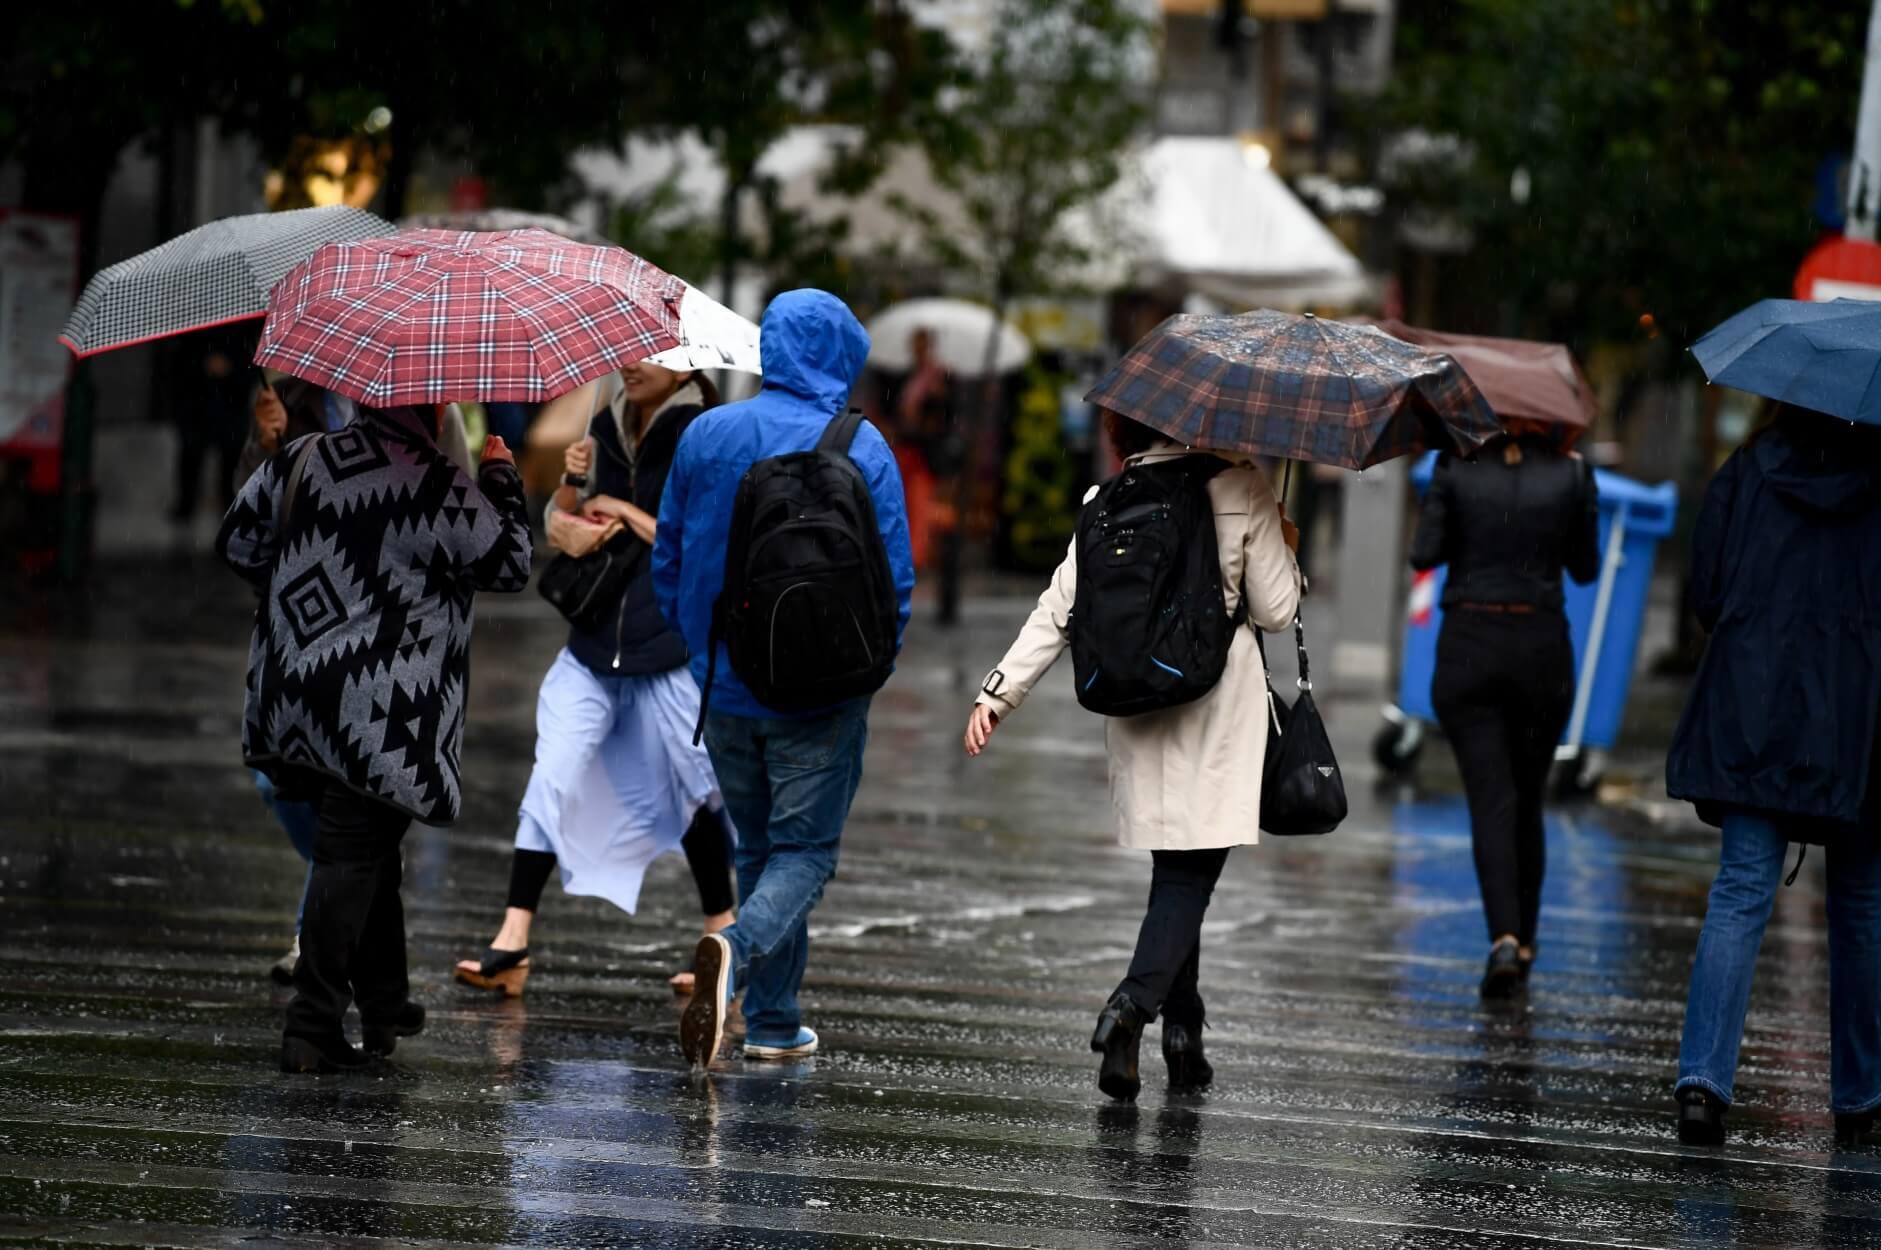 Καιρός σήμερα: Κακοκαιρία με βροχές, καταιγίδες και χιόνια – Στα λευκά η Πάρνηθα!